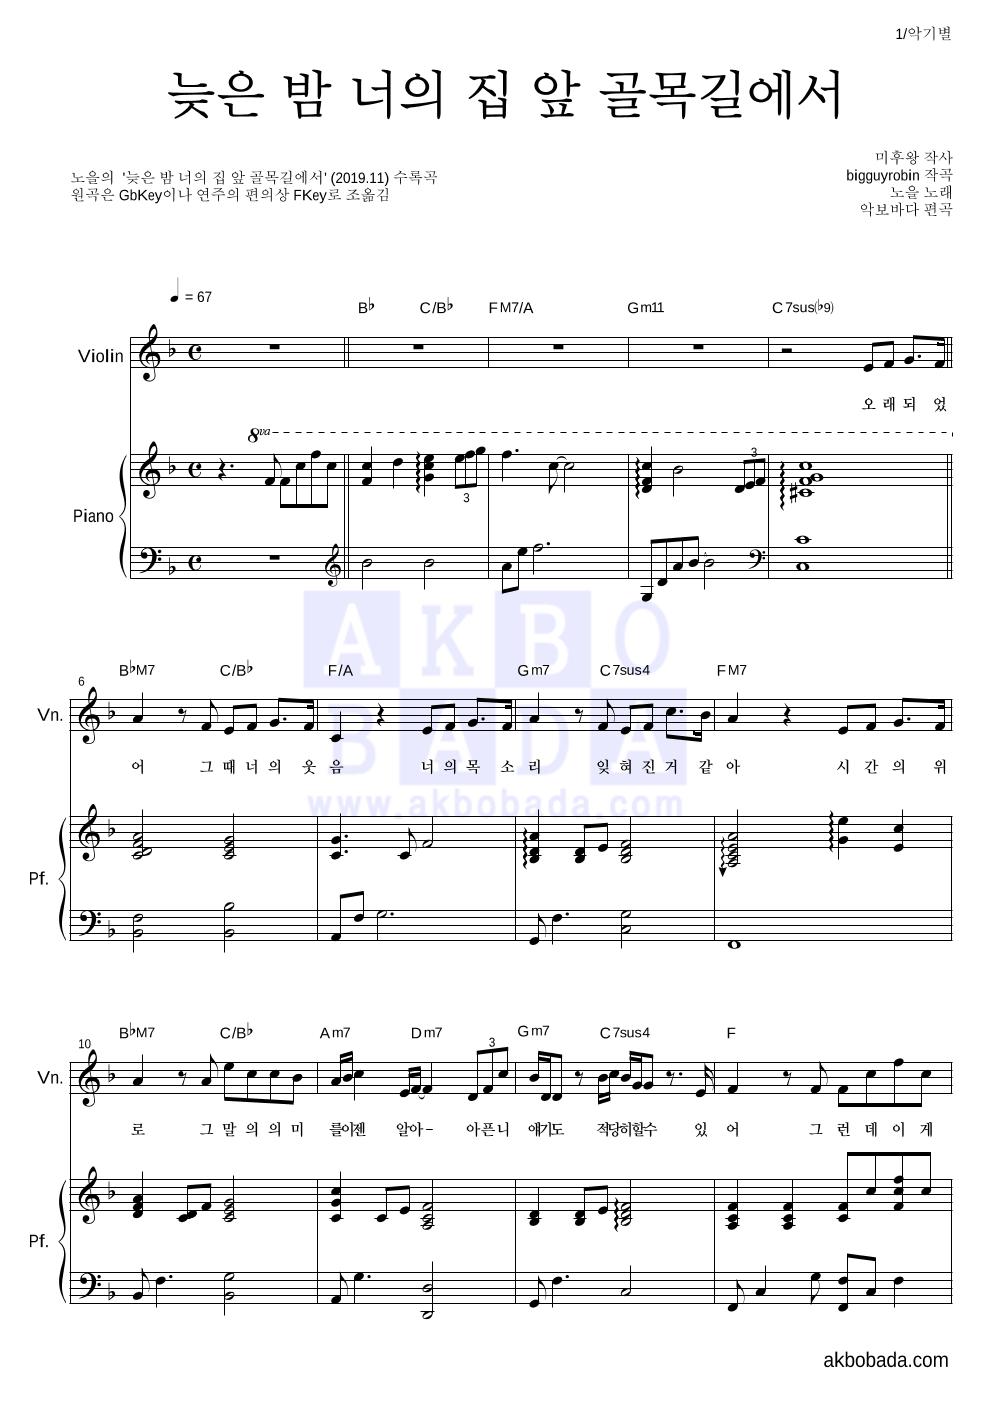 노을 - 늦은 밤 너의 집 앞 골목길에서 바이올린&피아노 악보